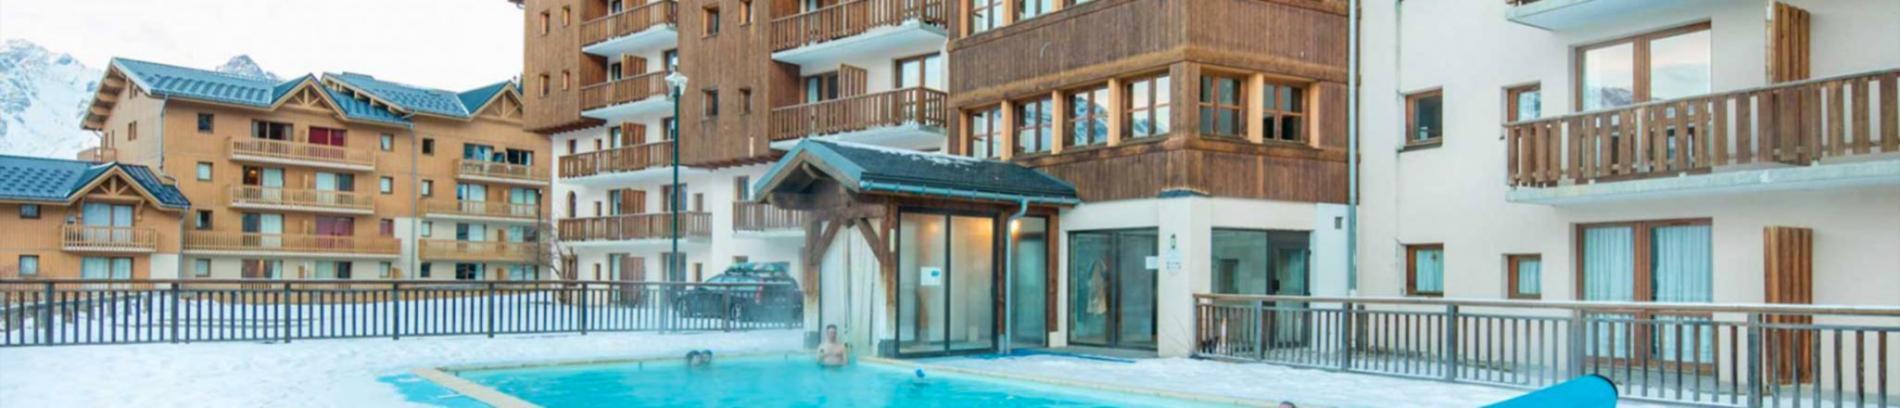 Slide la résidence avec piscine